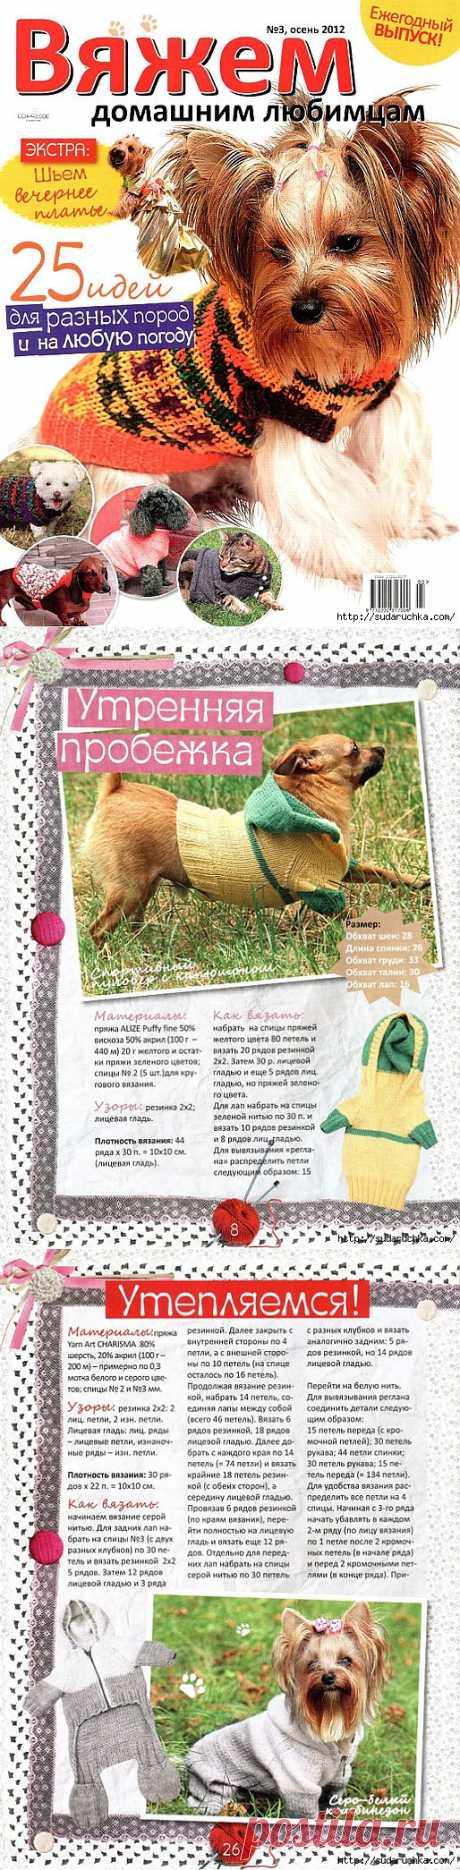 """""""Вяжем домашним любимцам"""". Журнал по вязанию.."""